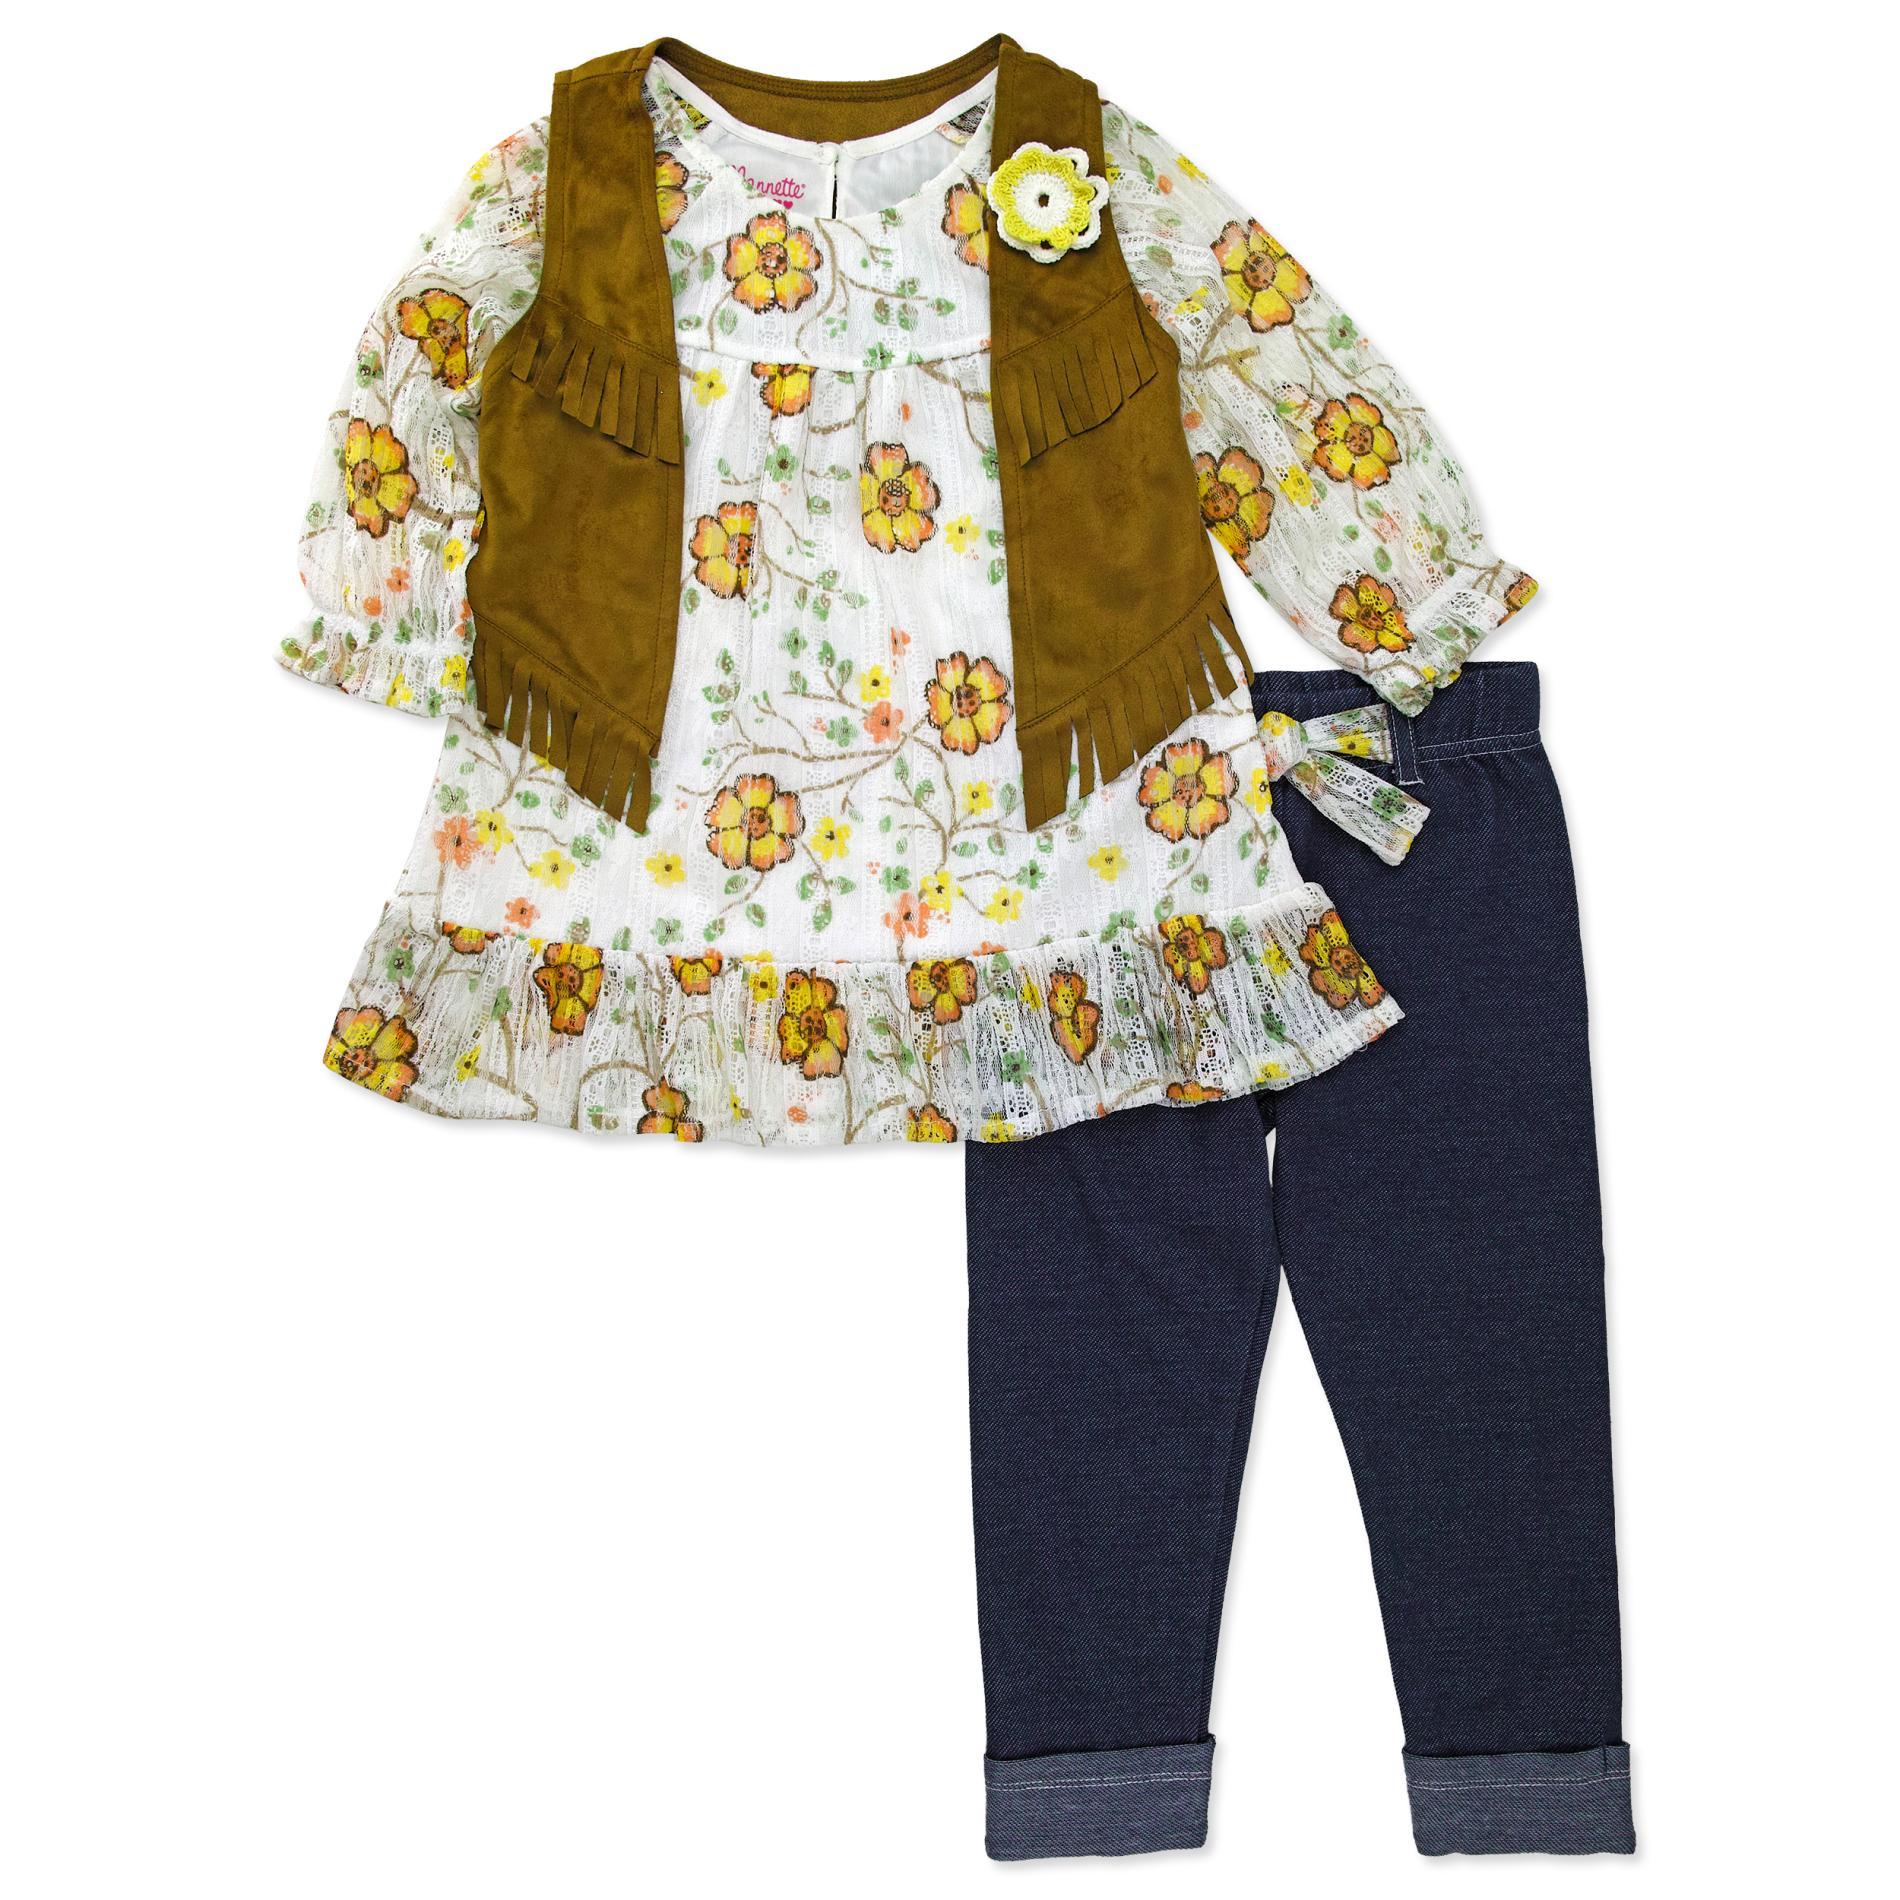 Nanette Girls' Crinkled Top & Pants - Floral